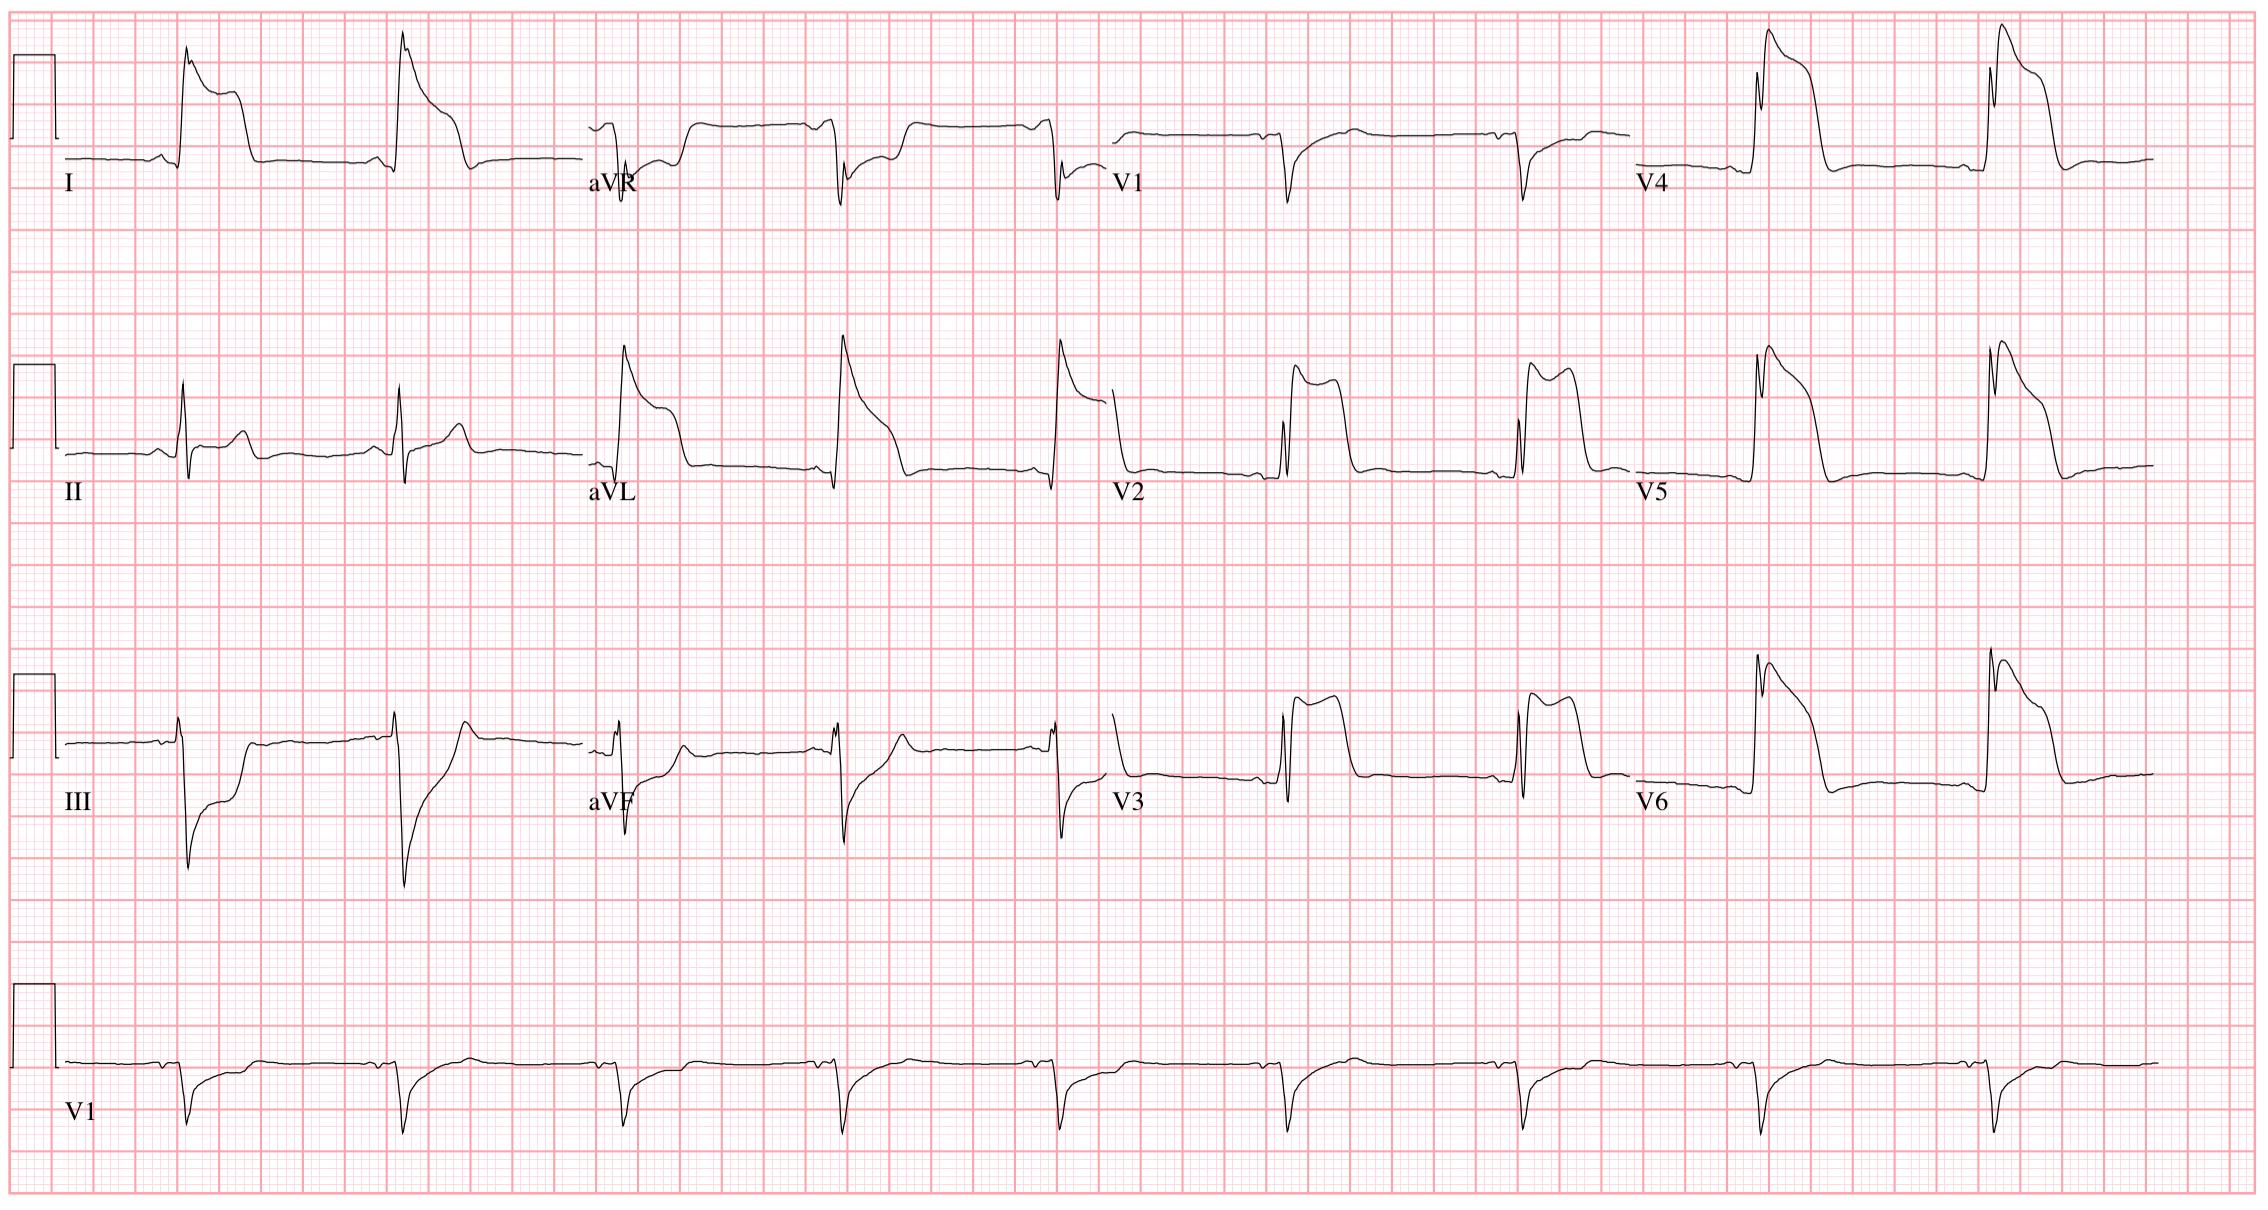 EKG a magas vérnyomás következtetésére)